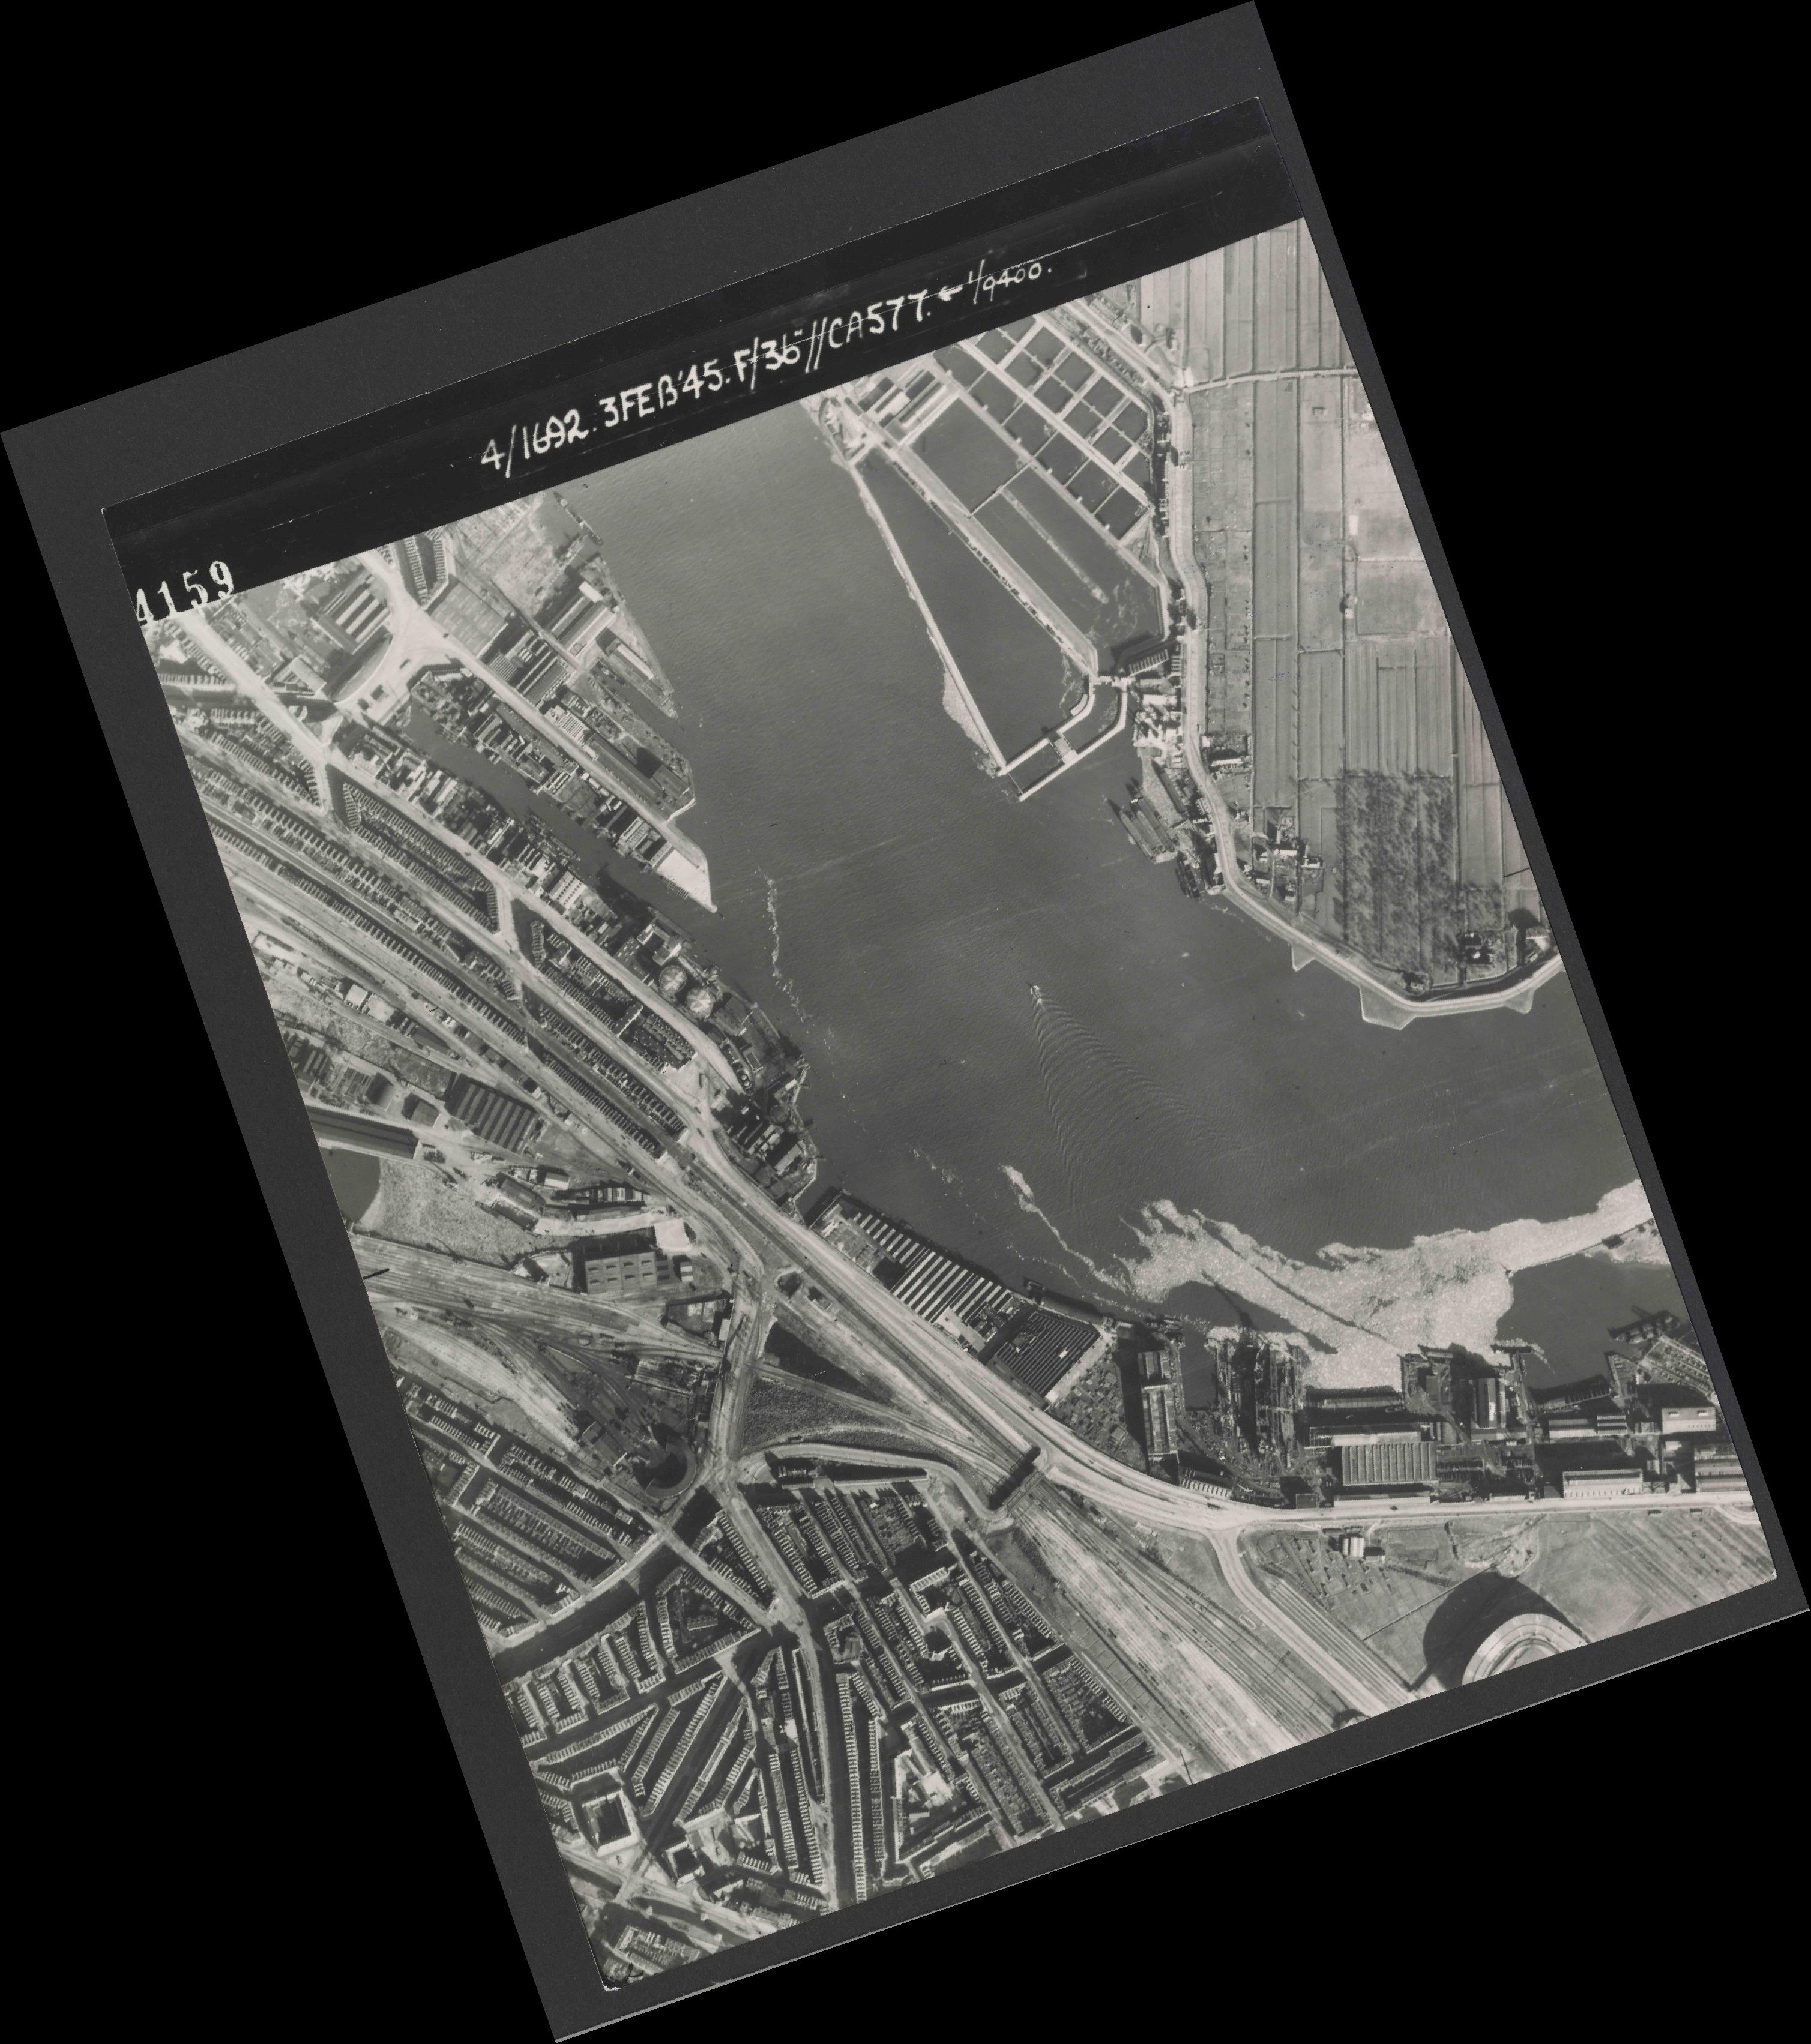 Collection RAF aerial photos 1940-1945 - flight 048, run 02, photo 4159